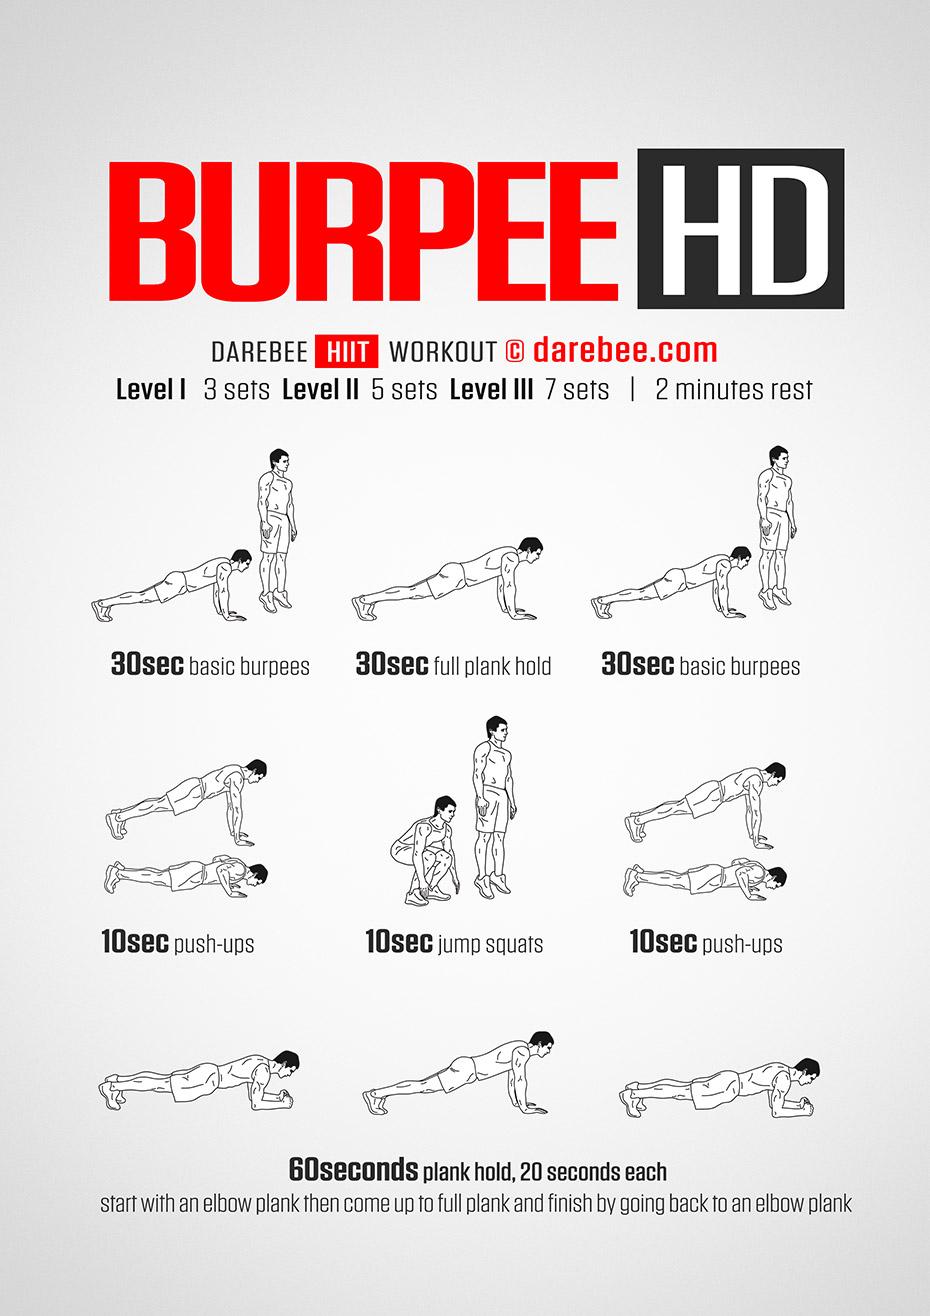 burpee-hd-workout